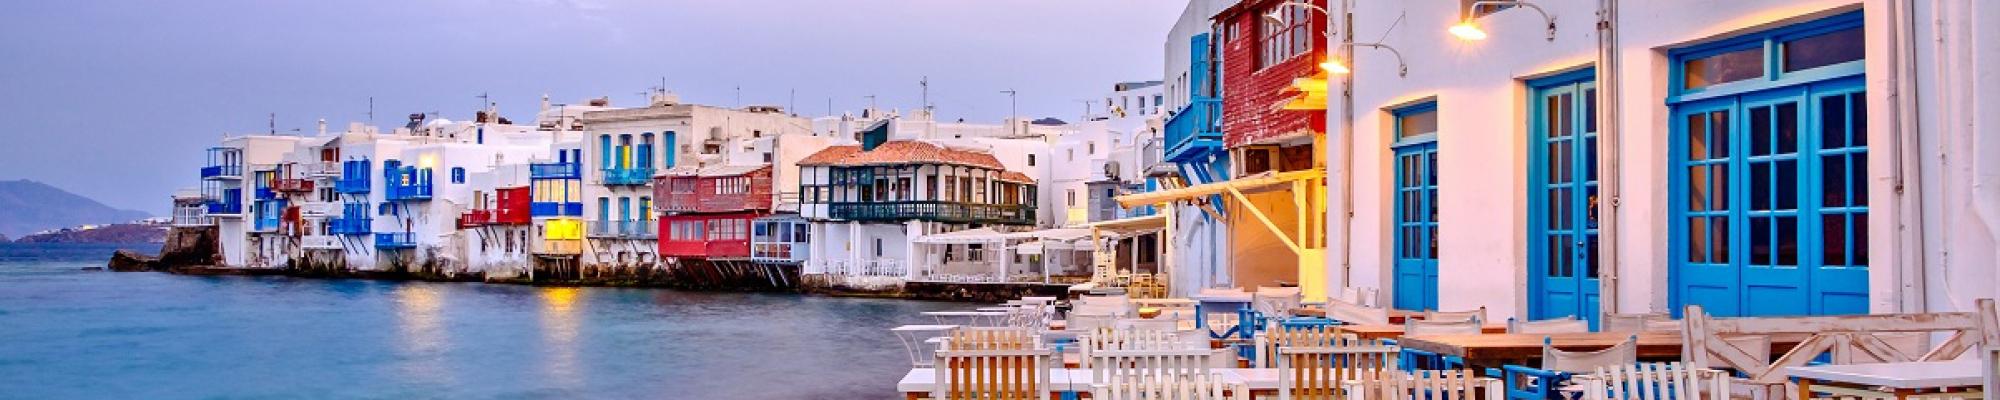 Séjour aux Cyclades - Mykonos